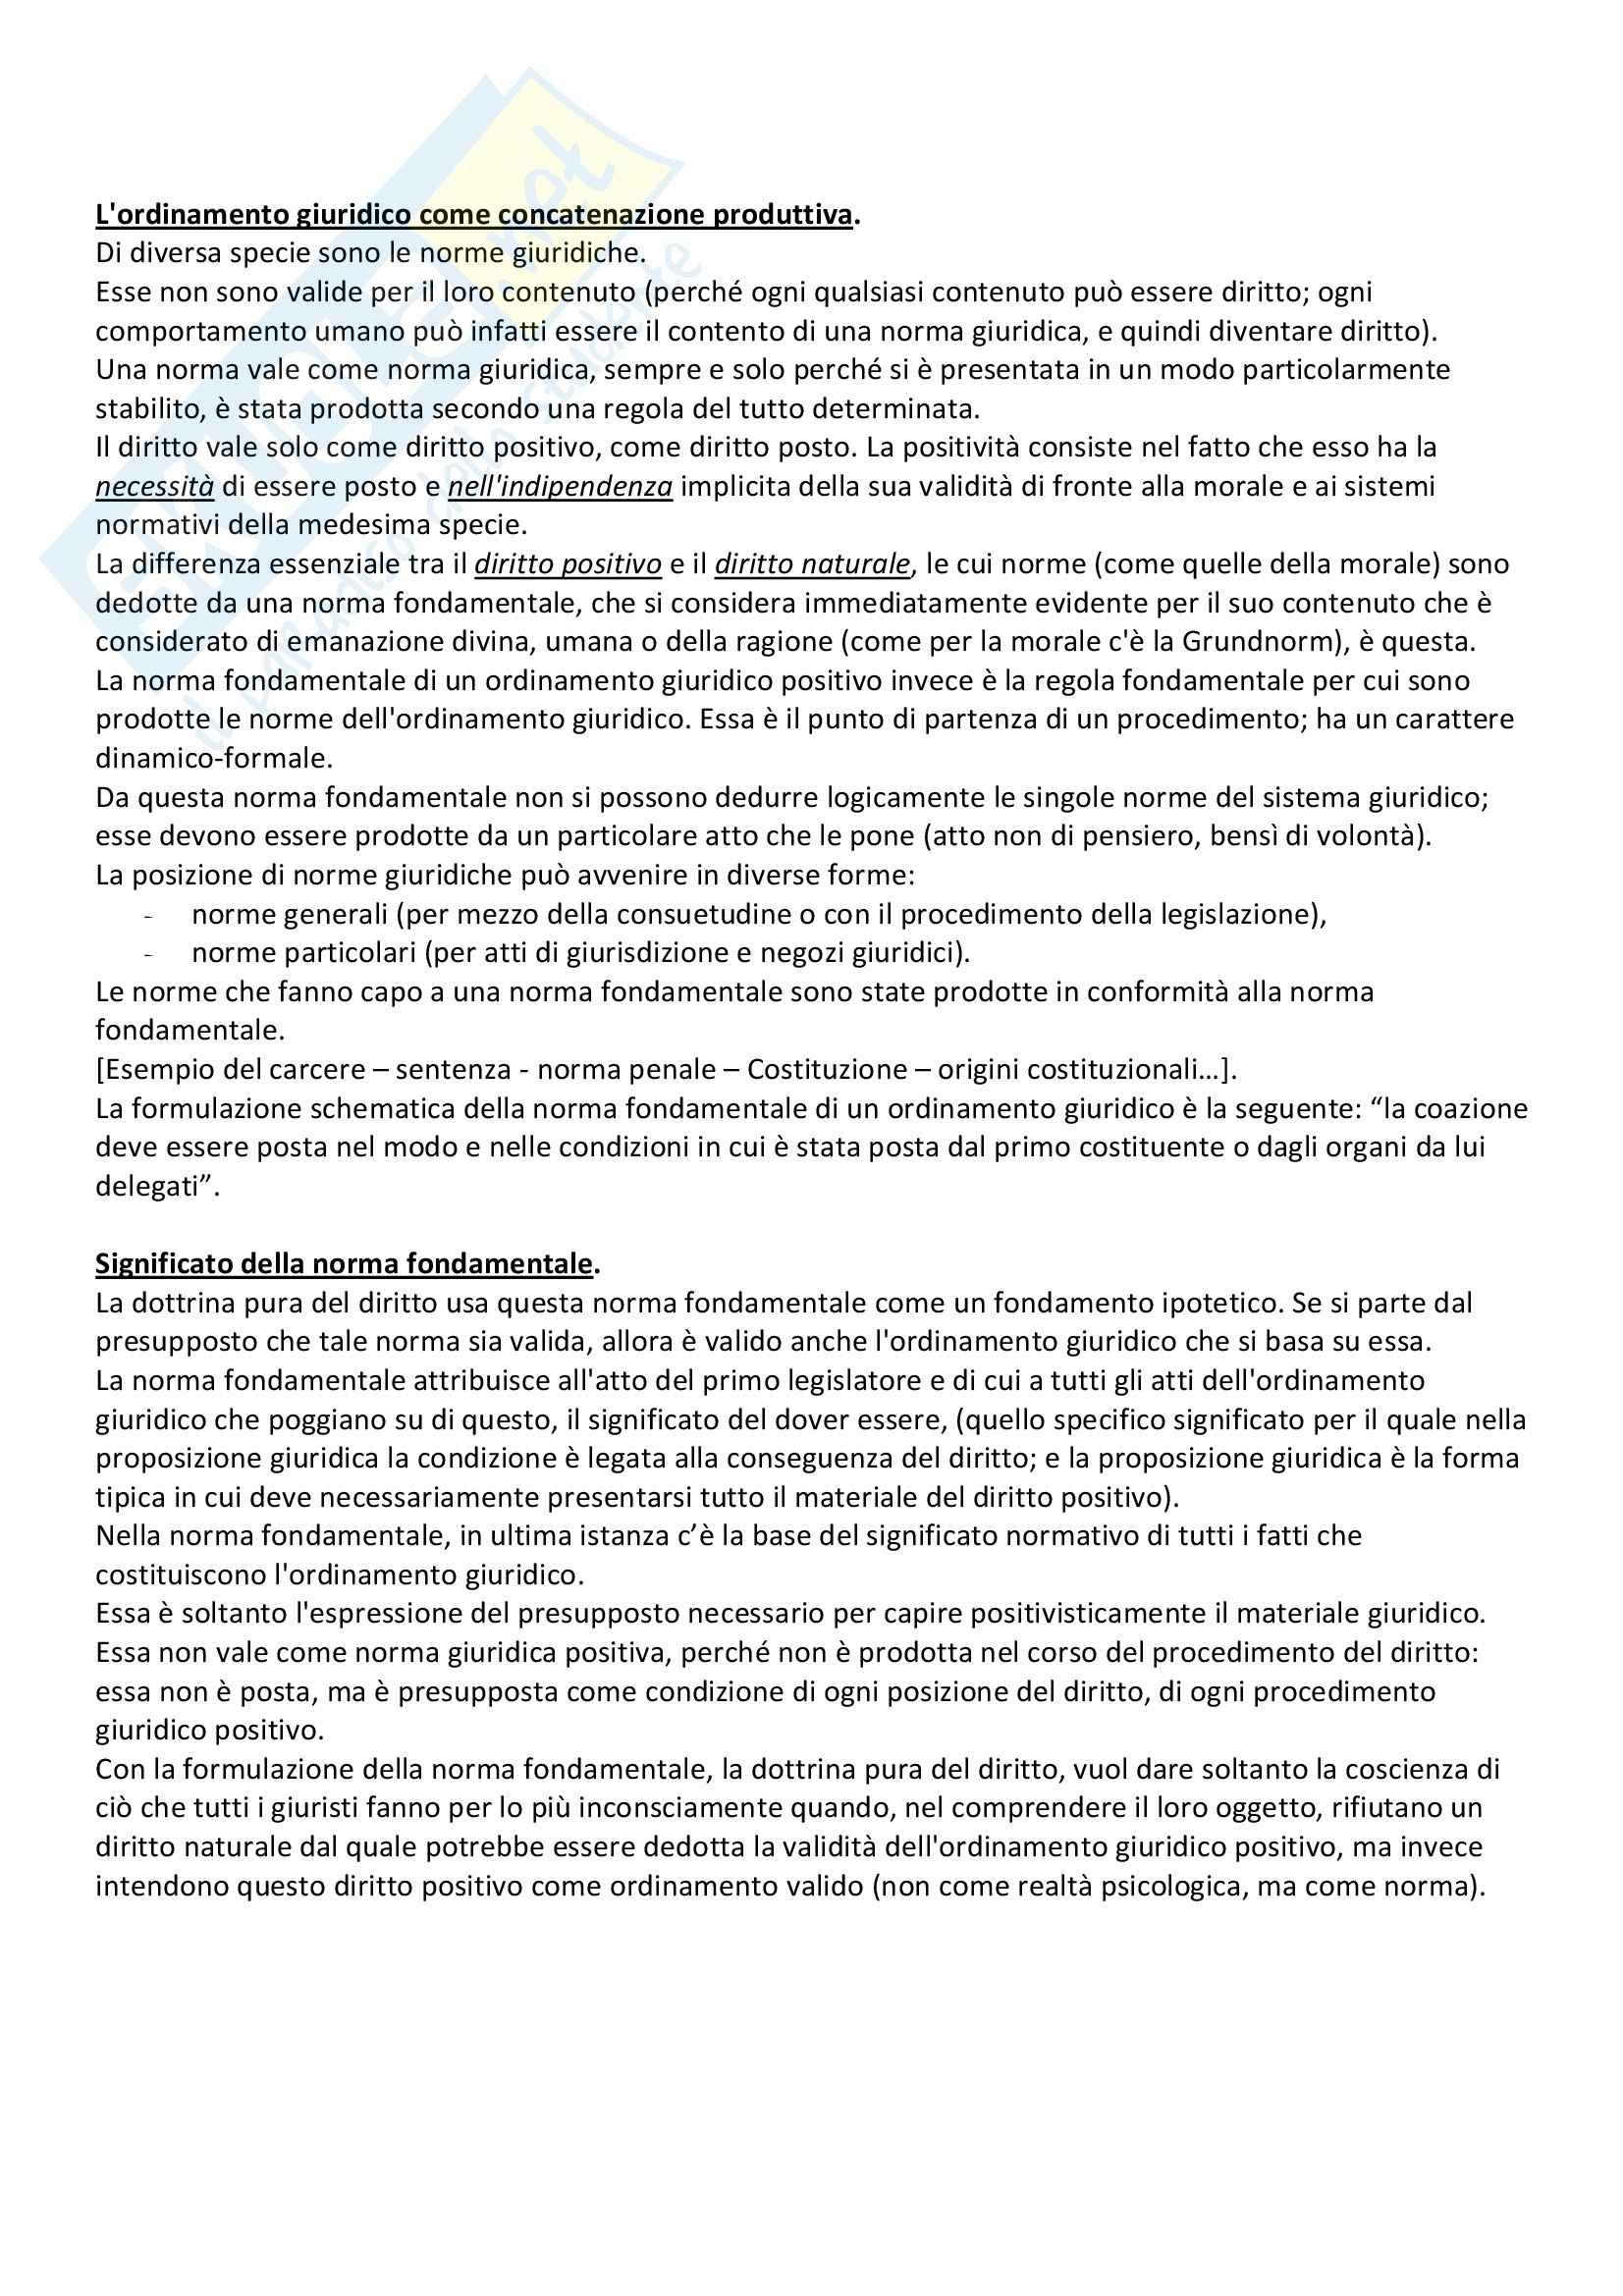 Lineamenti di dottrina pura del diritto, Kelsen - Appunti Pag. 16